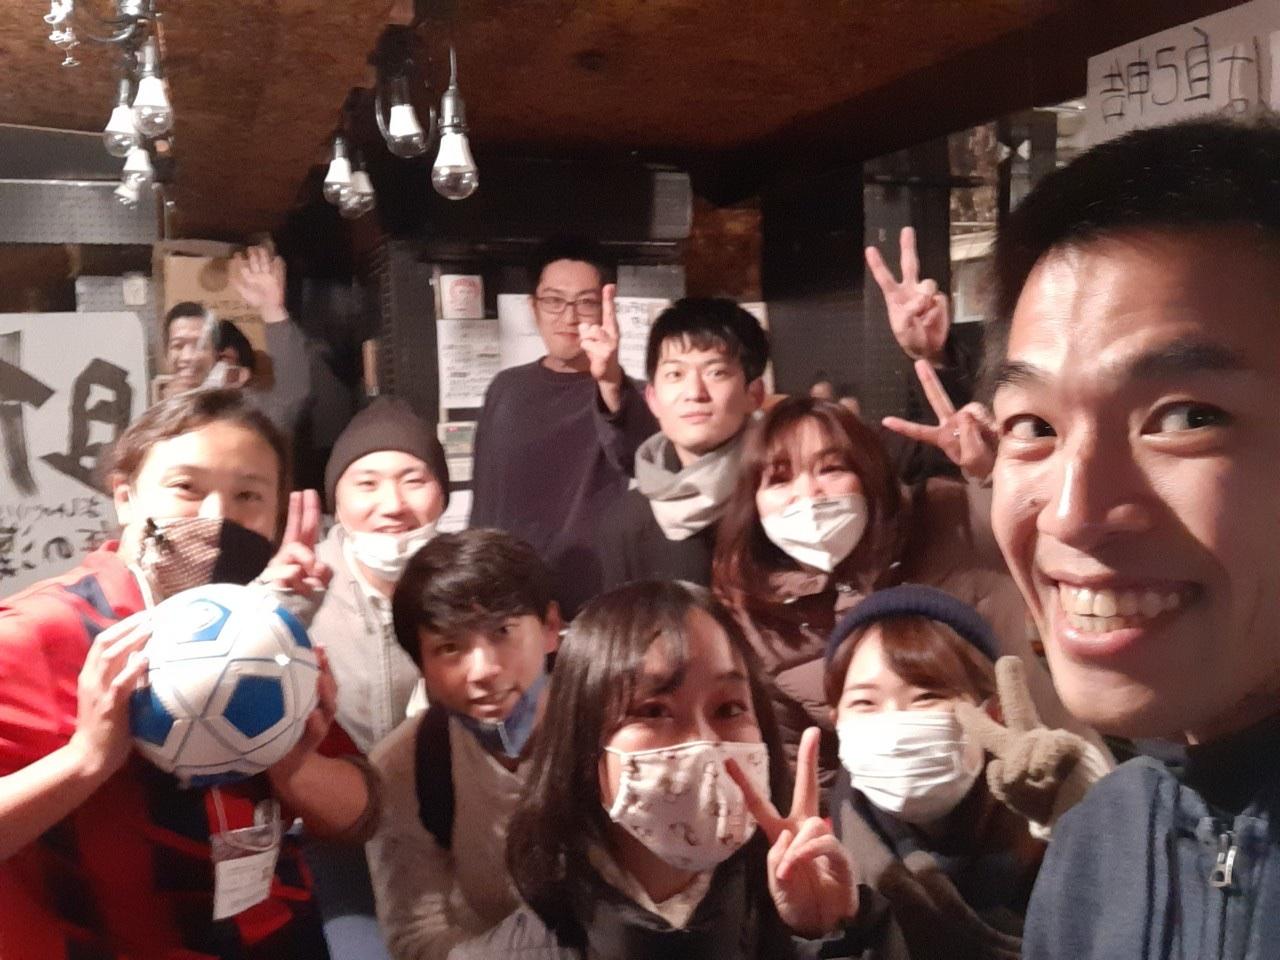 愛知県名古屋在住のおすすめtiktoker。ティックトッカーが集まる、交流できるカフェバーや撮影スタジオを特別紹介。